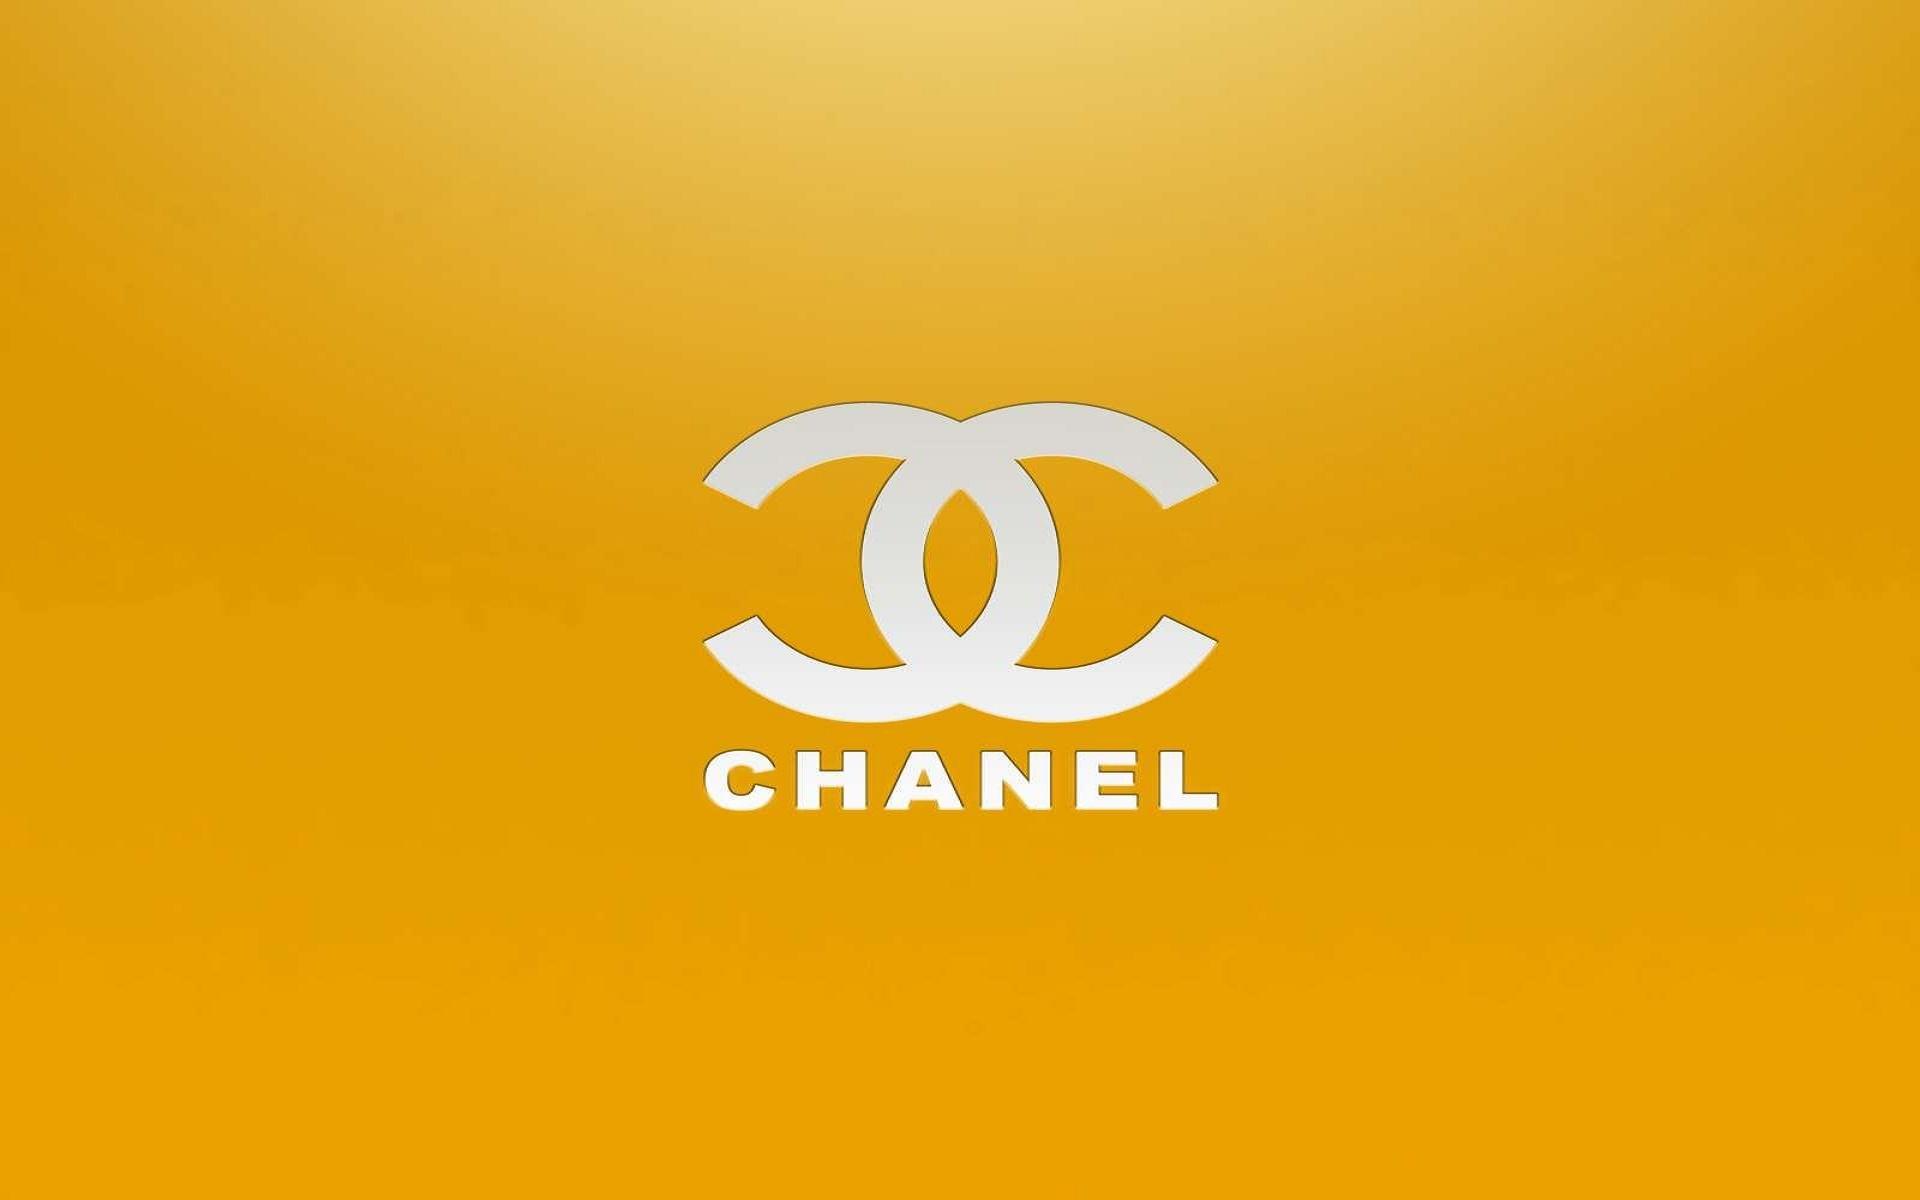 Free Cute Halloween Desktop Wallpapers Logo Chanel Wallpapers Hd Pixelstalk Net